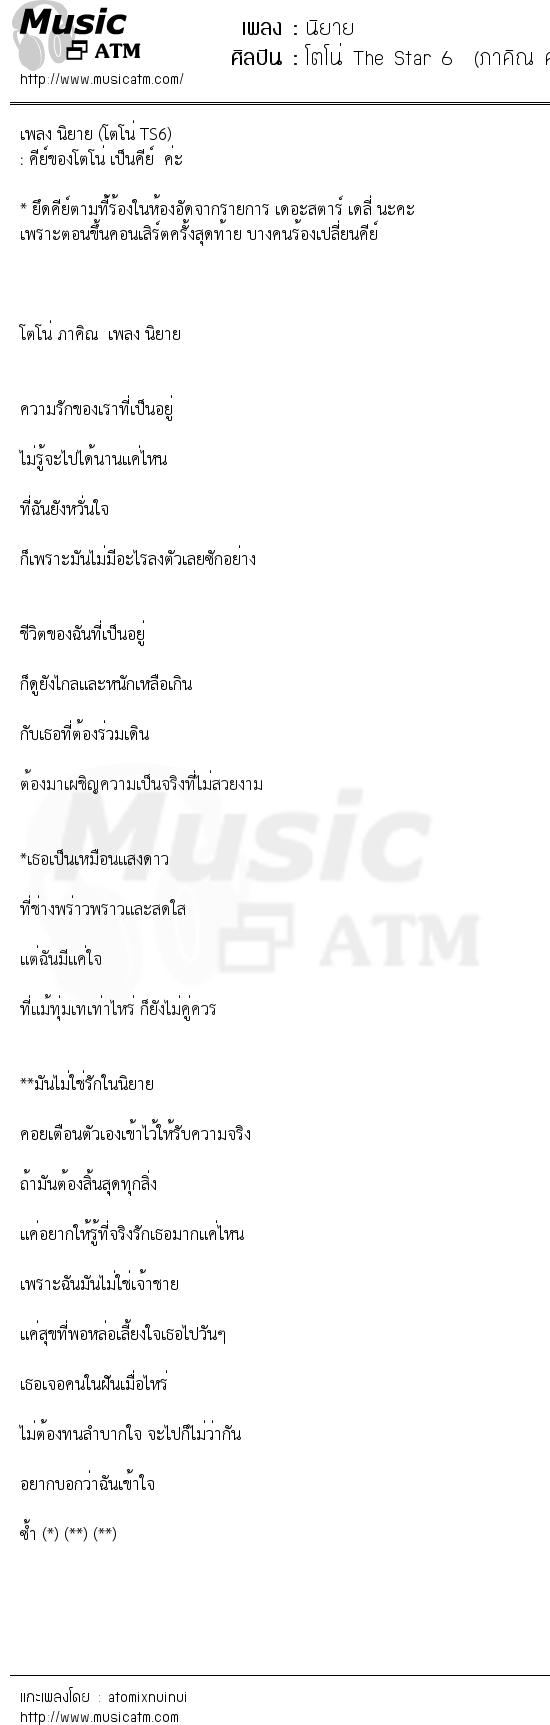 เนื้อเพลง นิยาย - โตโน่ The Star 6 (ภาคิณ คำวิลัยศักดิ์)   เพลงไทย